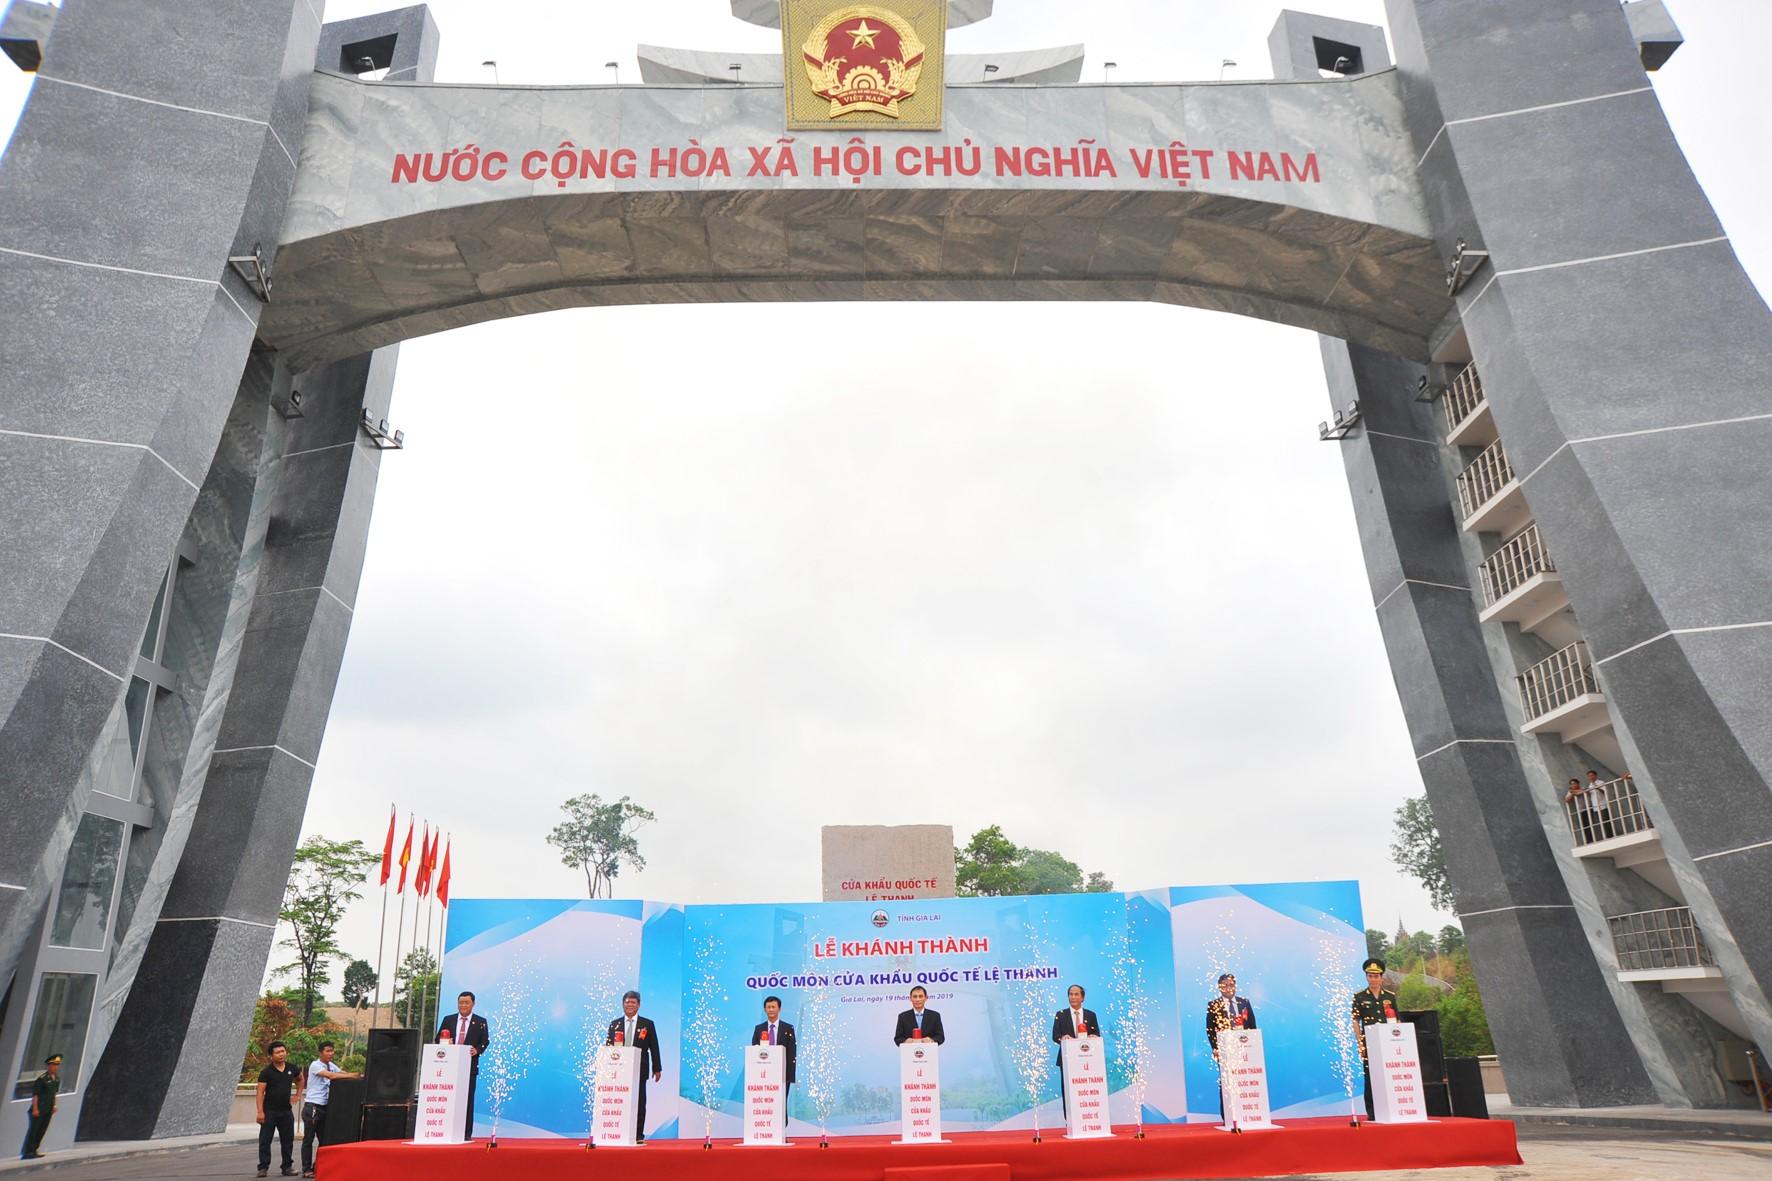 Tỉnh Gia Lai: Khánh thành Quốc môn - Cửa khẩu quốc tế Lệ Thanh